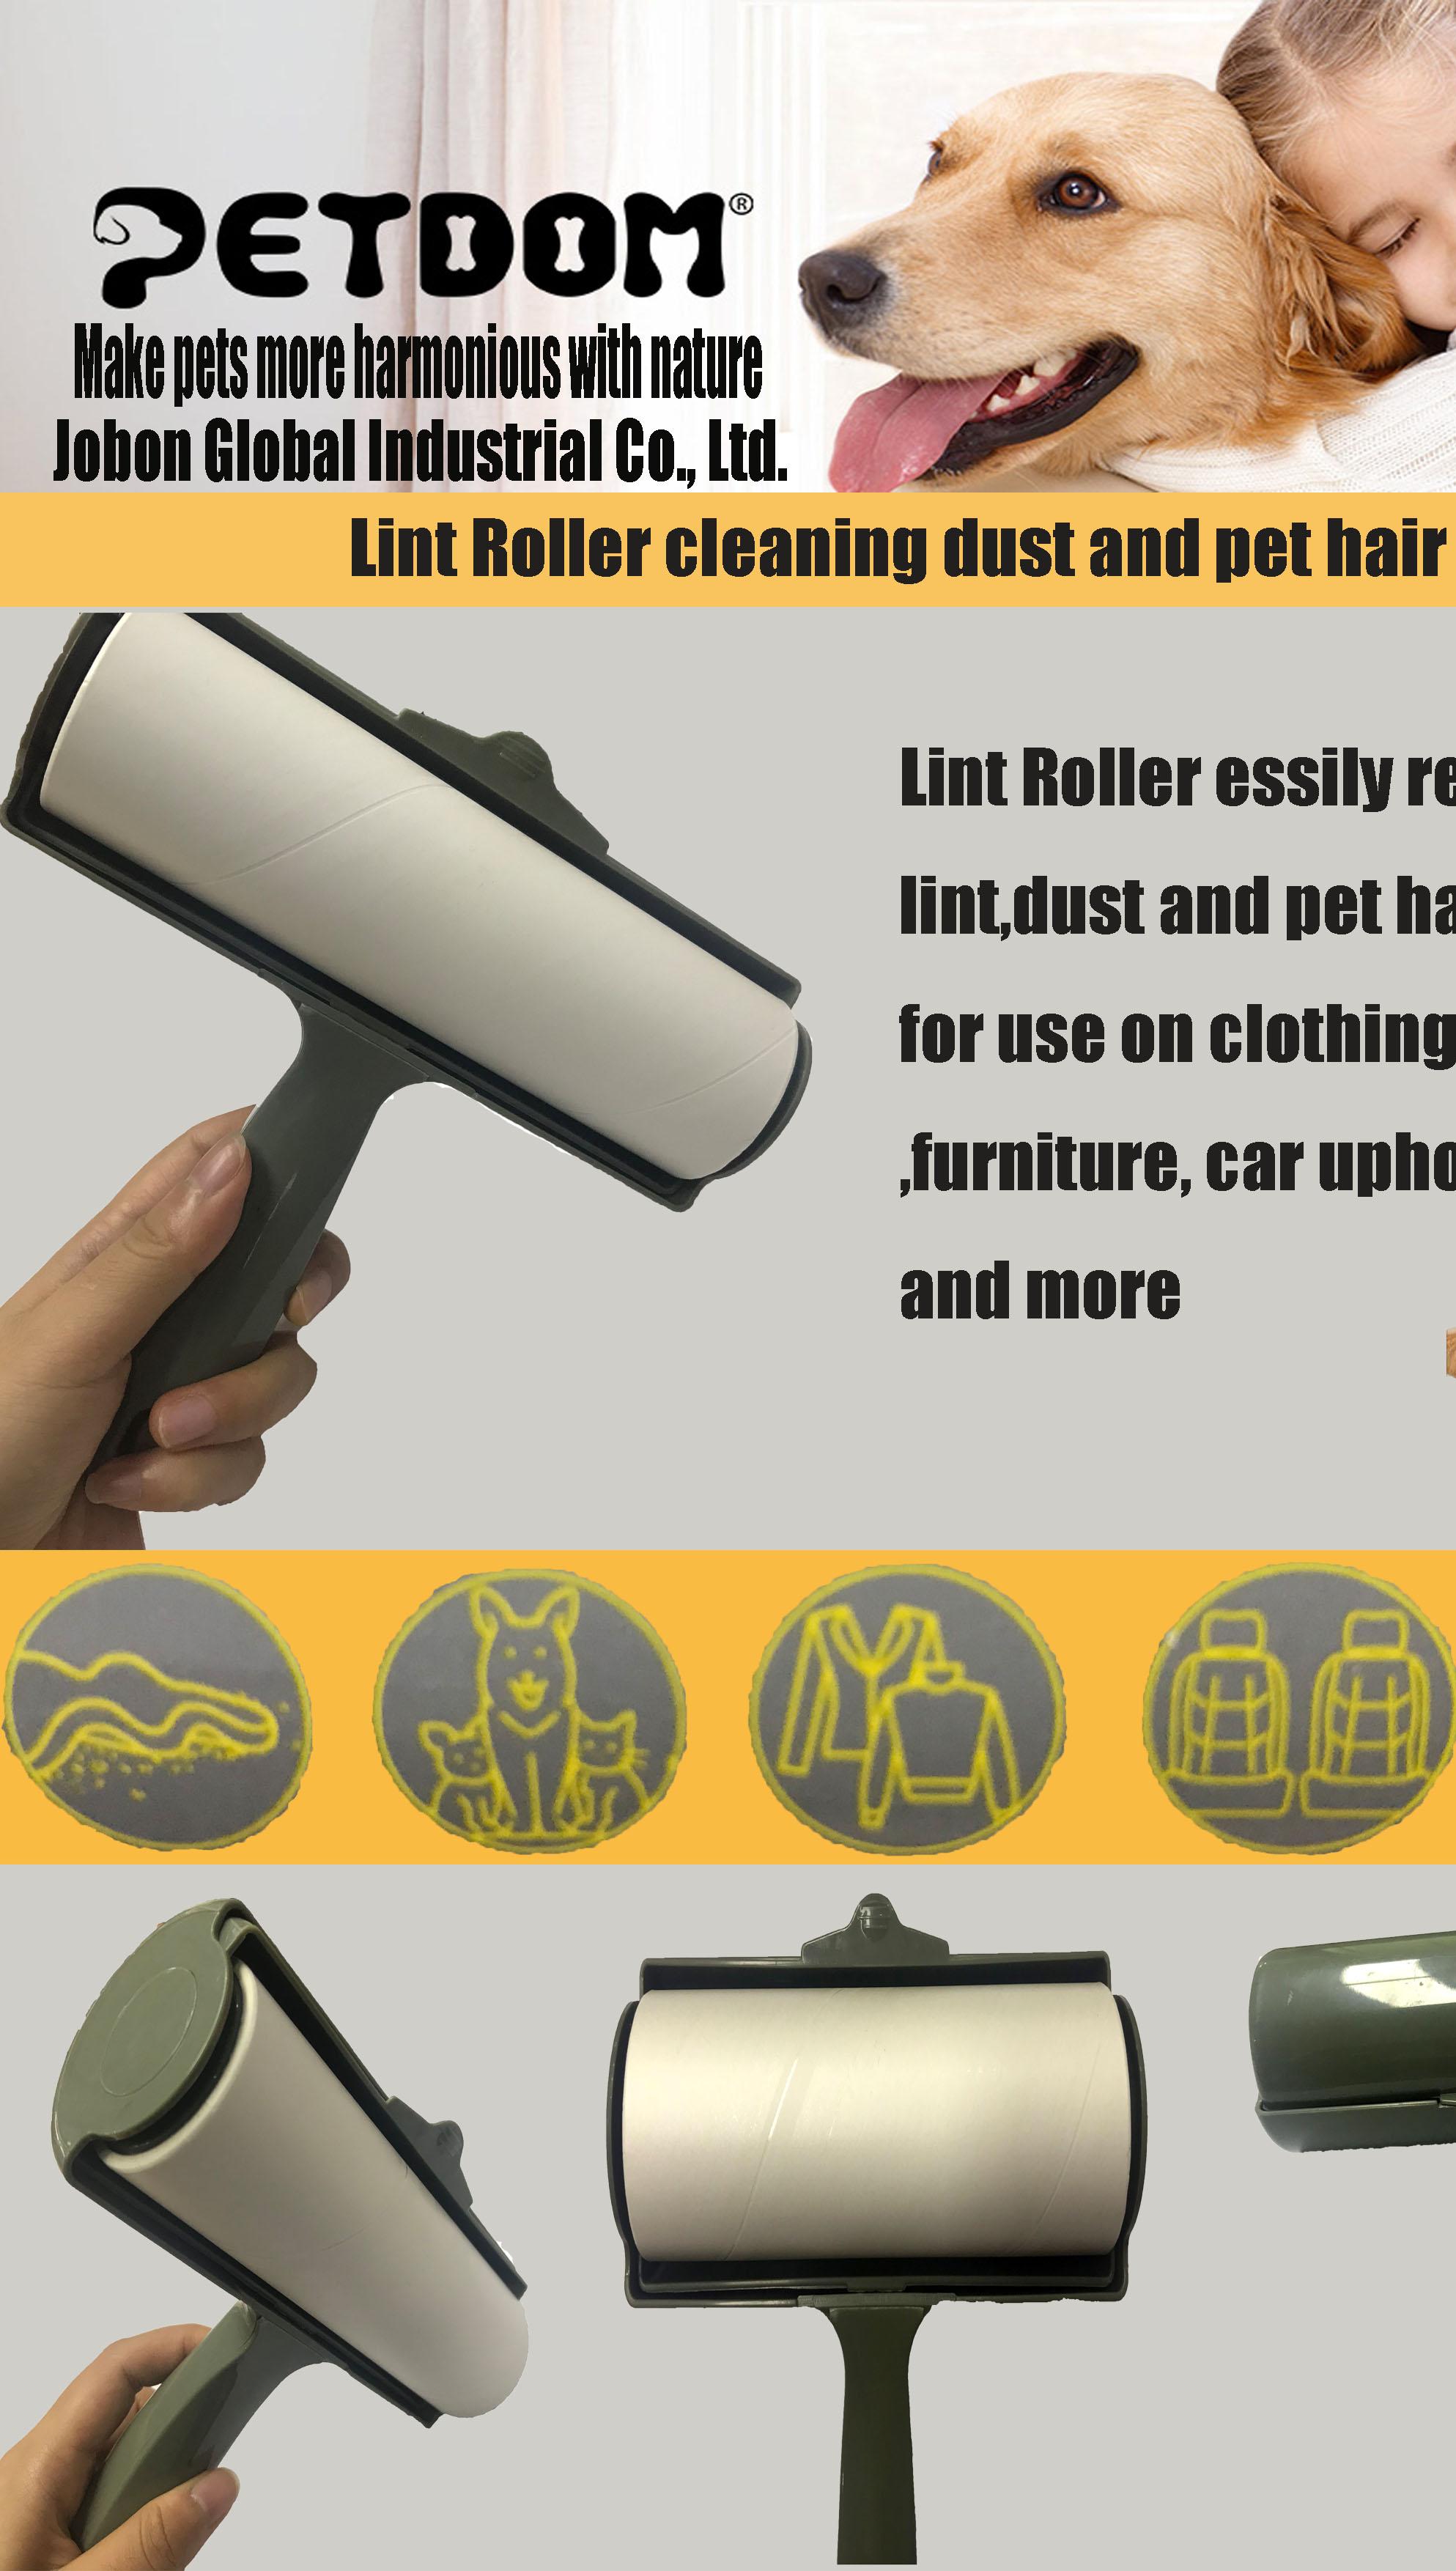 アマゾンホット販売家具車の室内装飾品詰め替えリムーバー衣類クリーニングダストとペットの髪粘着糸くずローラー犬猫